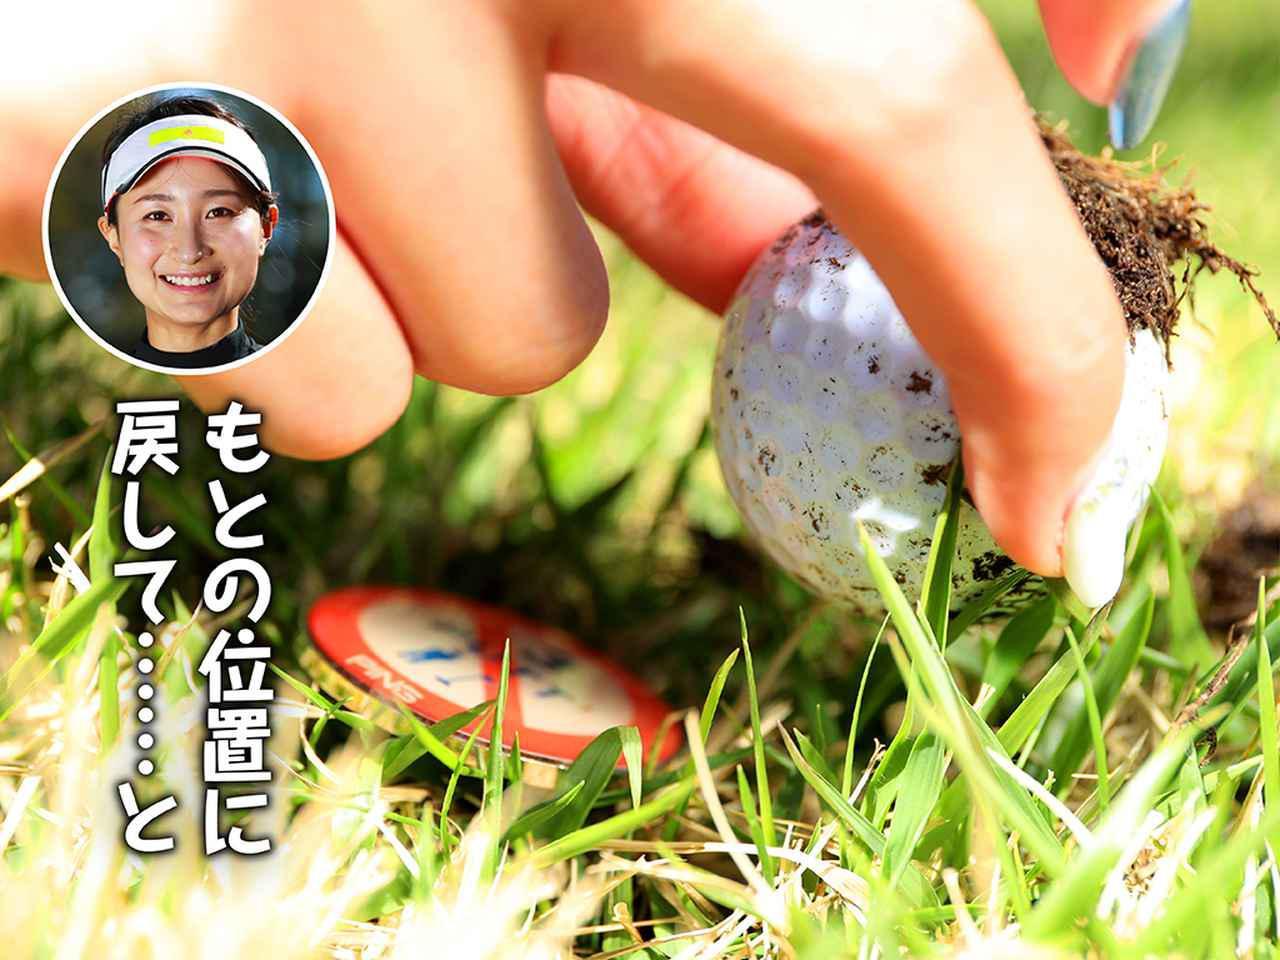 画像2: 【新ルール】リプレース時に球の向きを変えるのは、許される? 許されない?